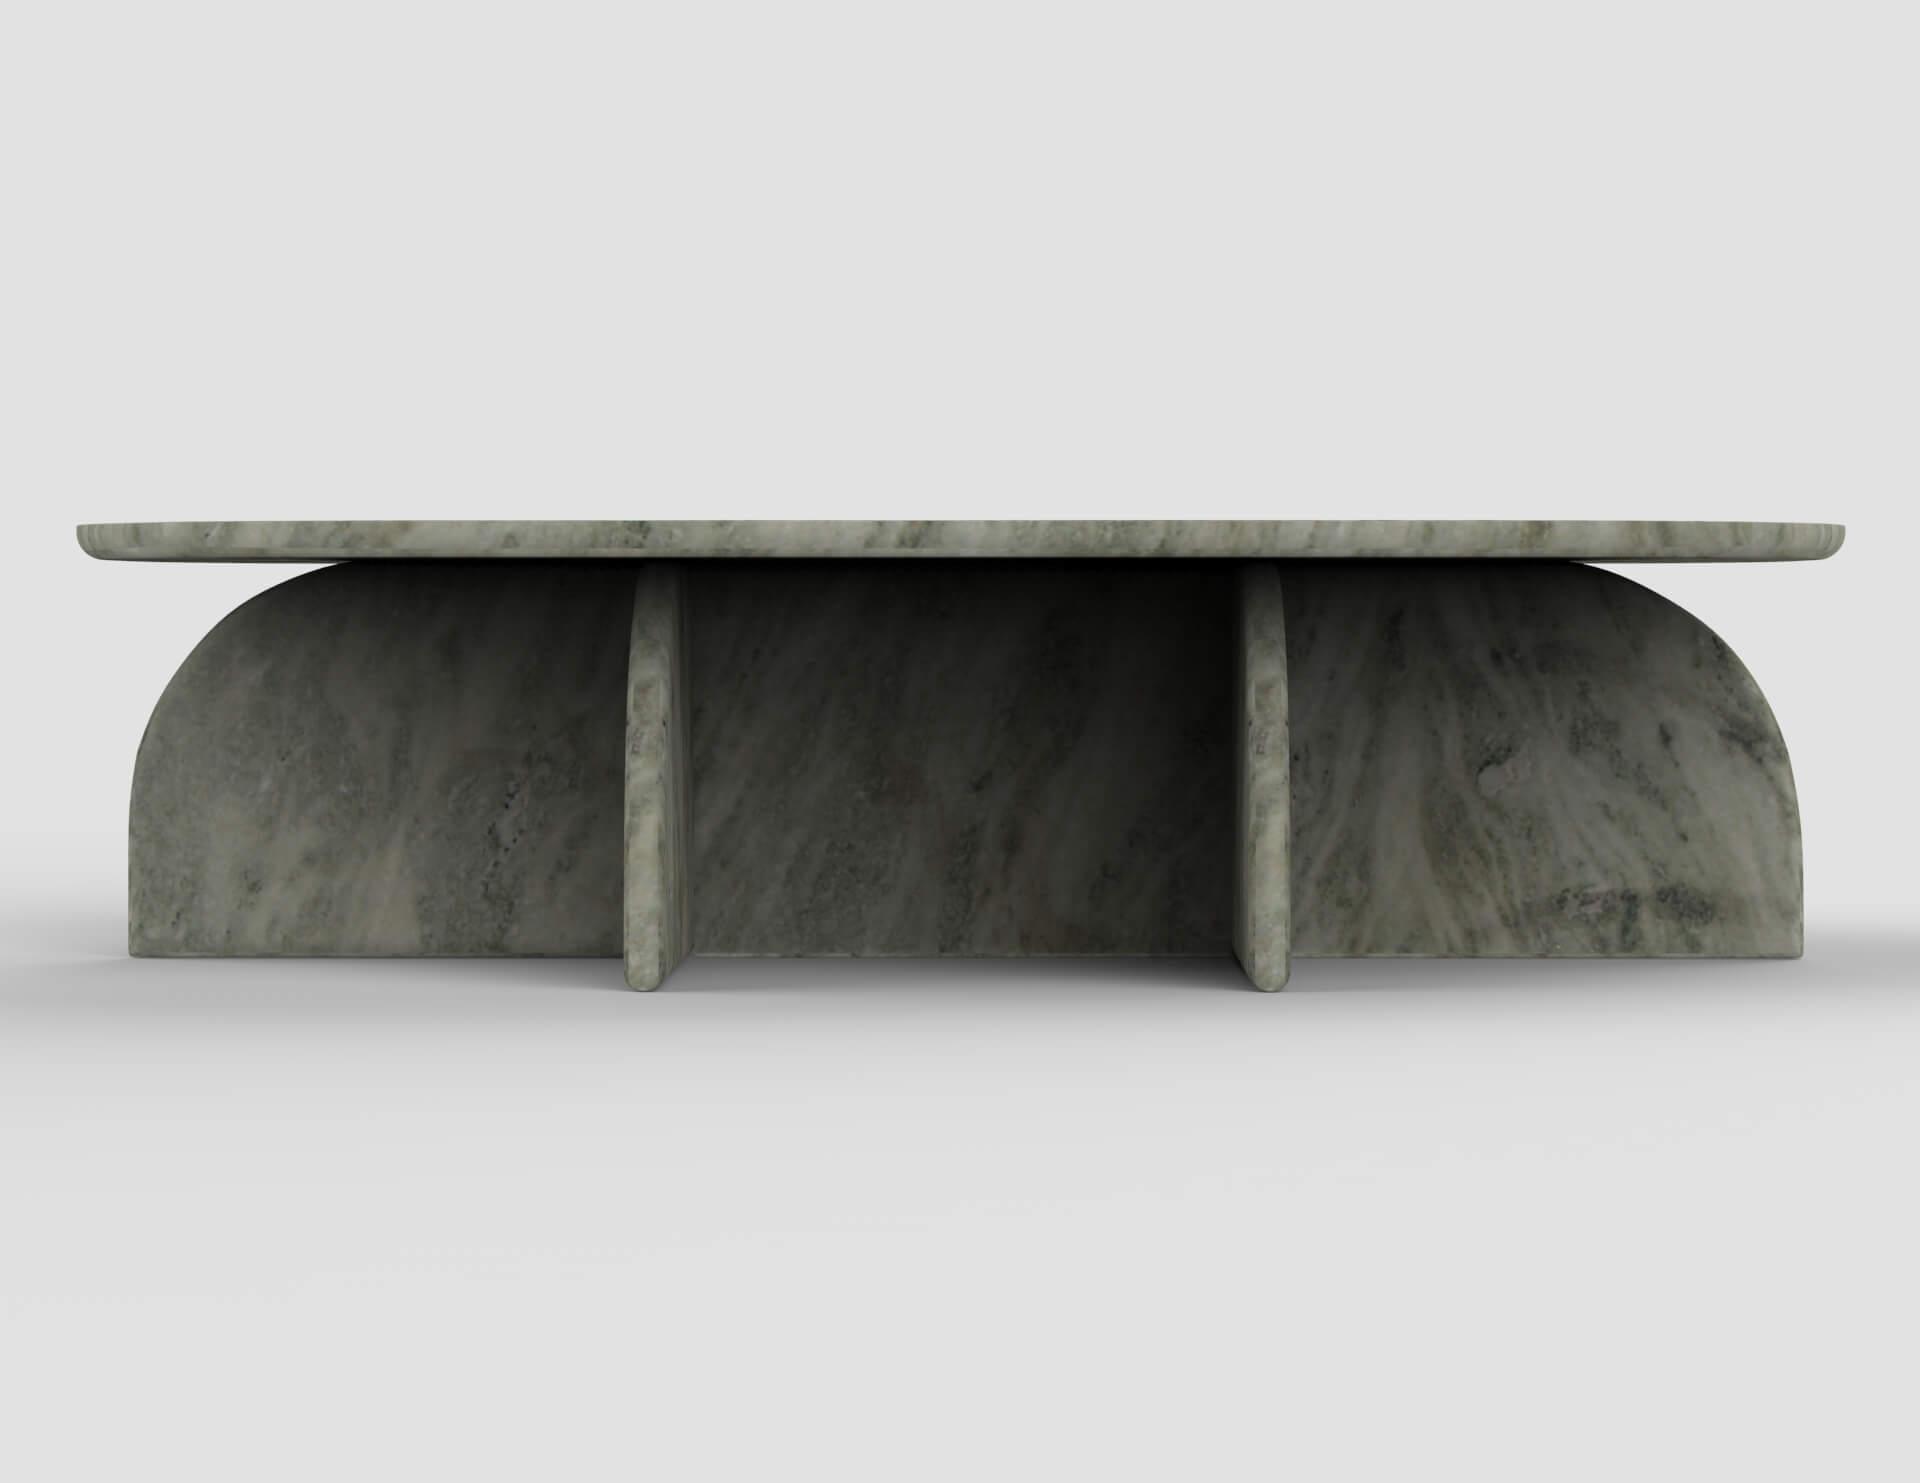 furniture design puzzle RE